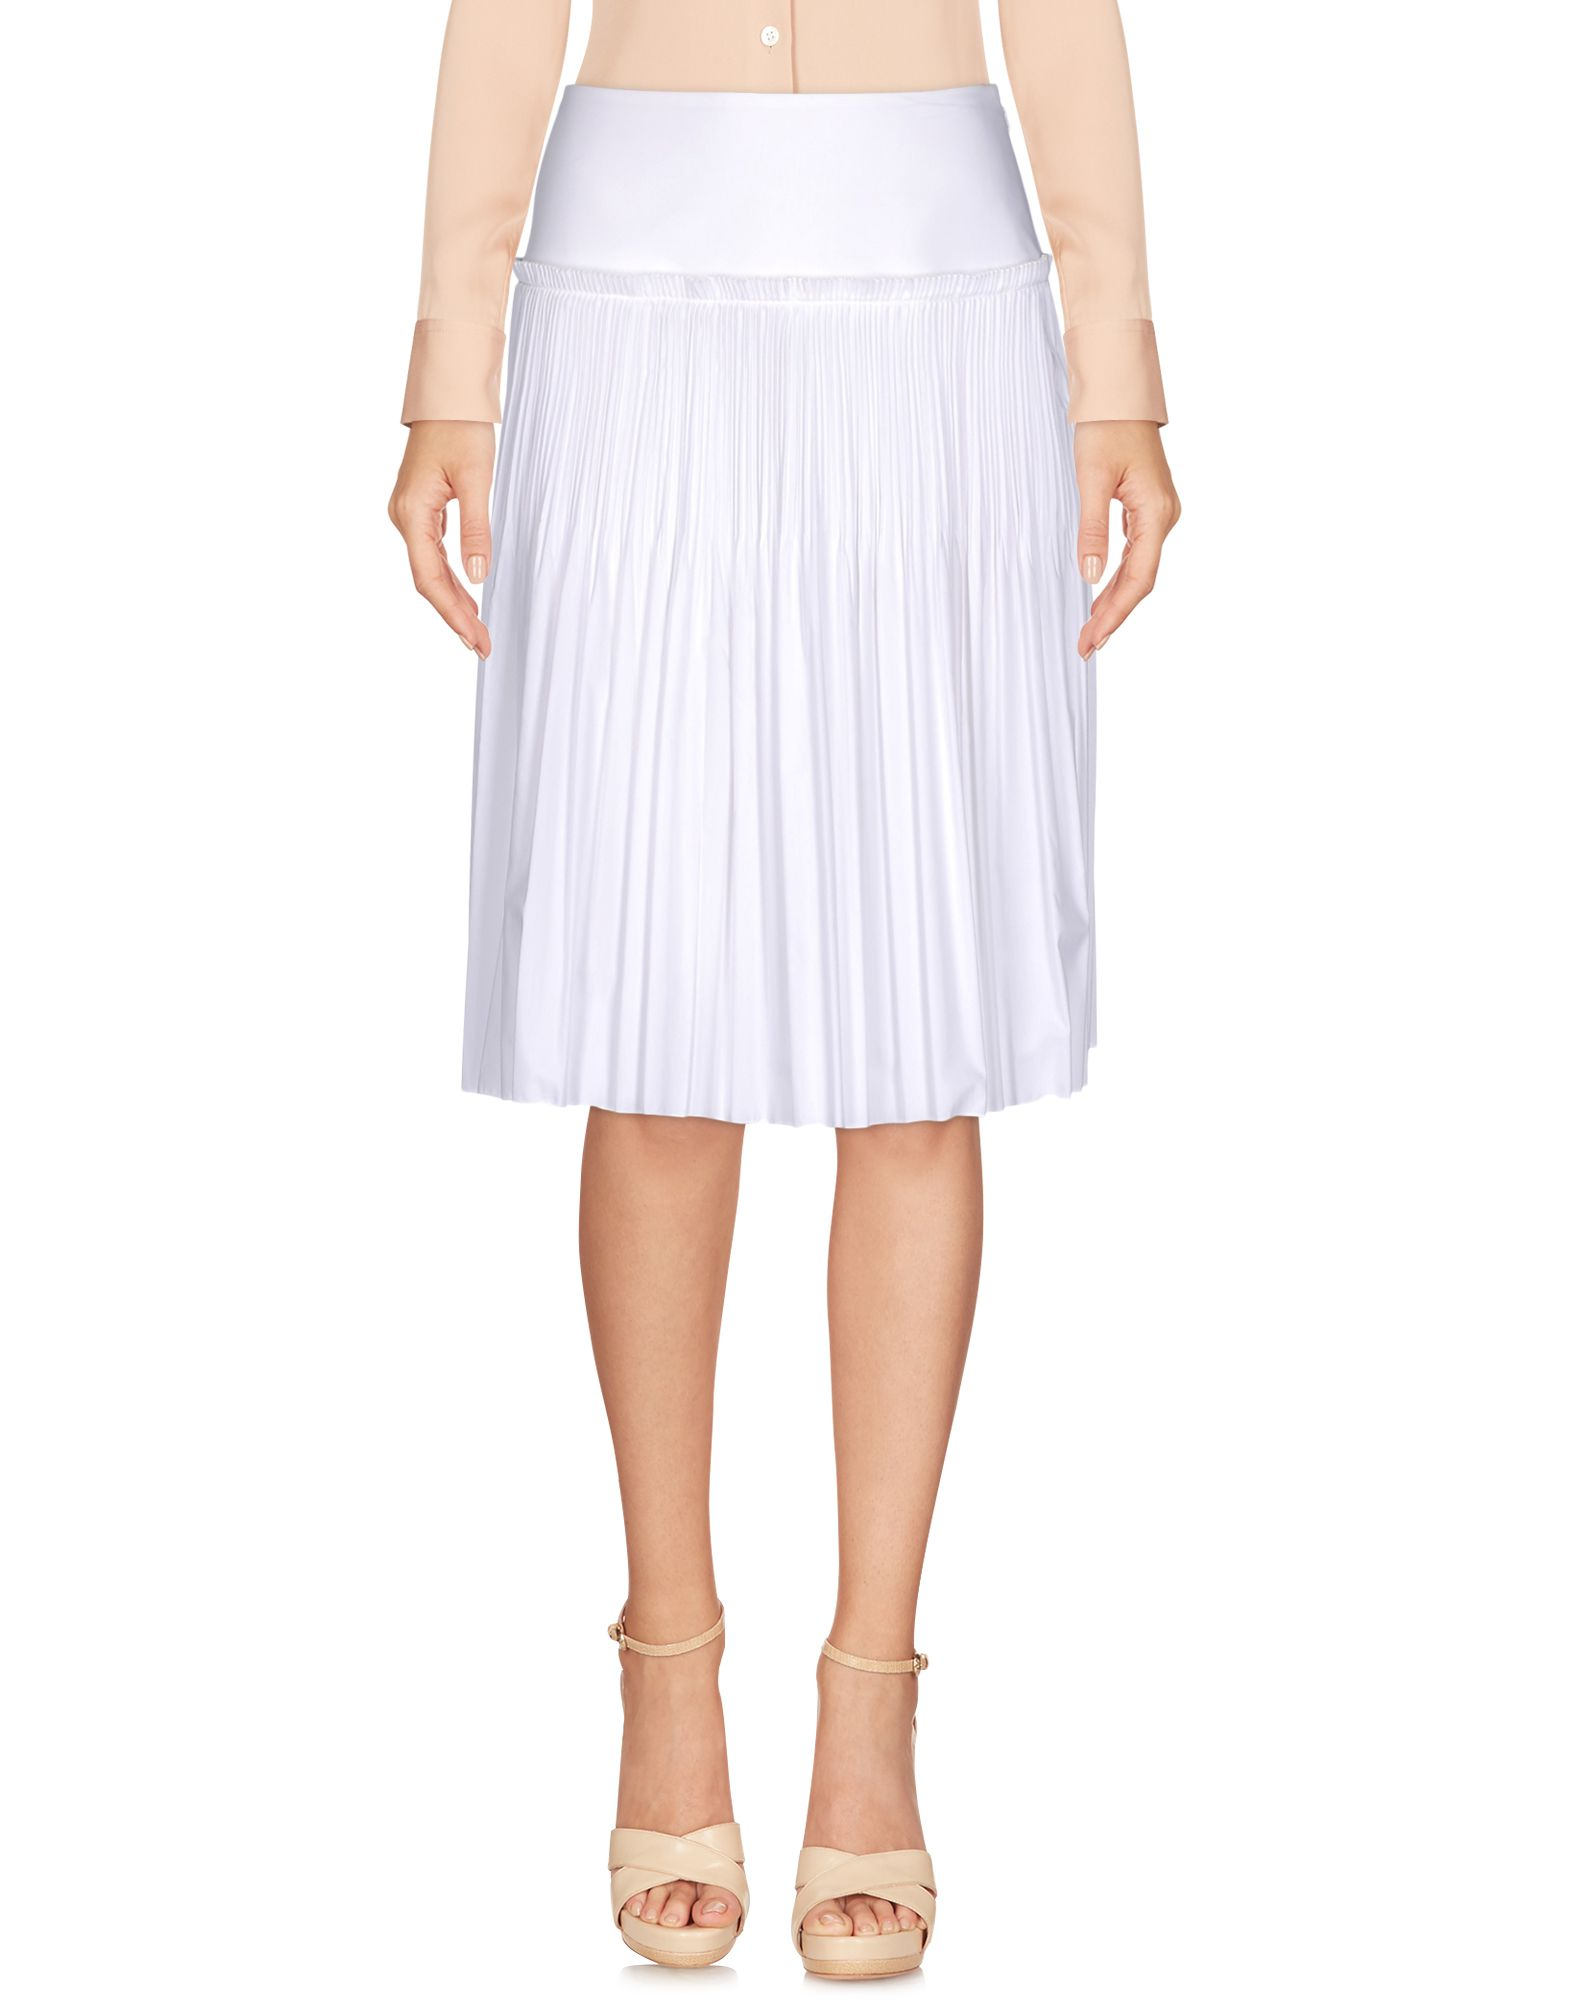 ALBERTA FERRETTI Damen Knielanger Rock Farbe Weiß Größe 6 jetztbilligerkaufen